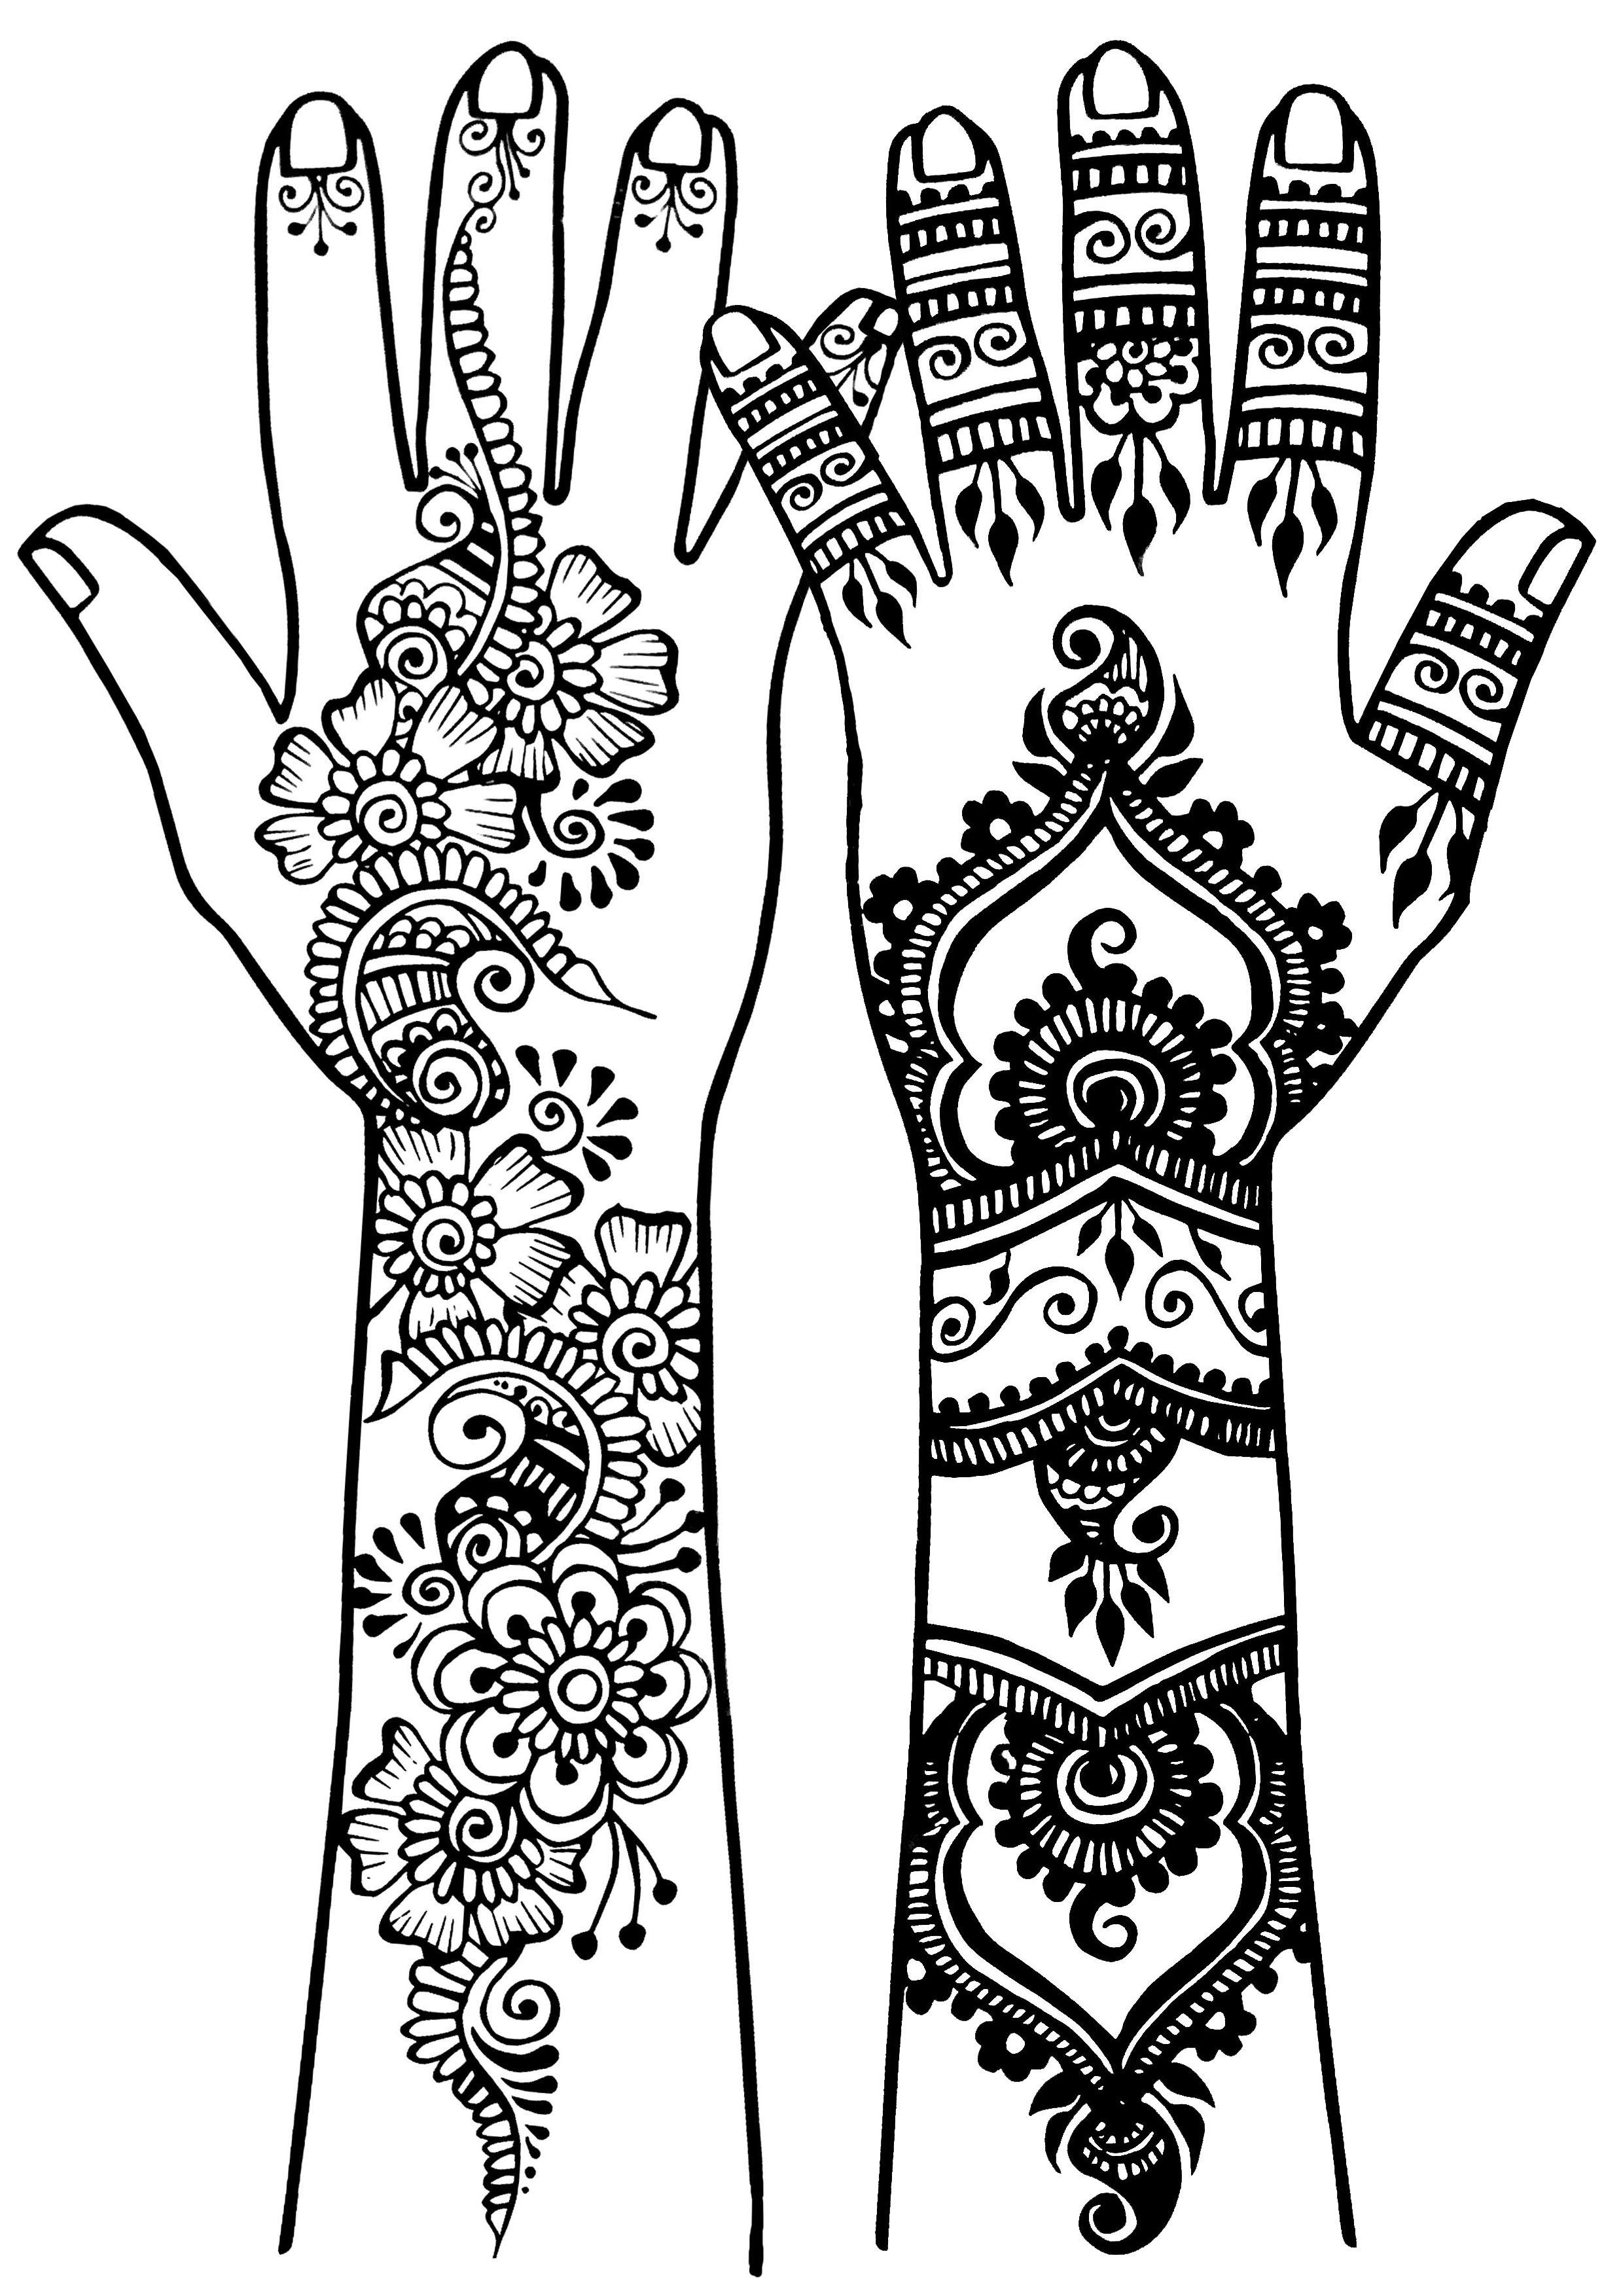 Disegni da colorare per adulti : Tatuaggi - 32